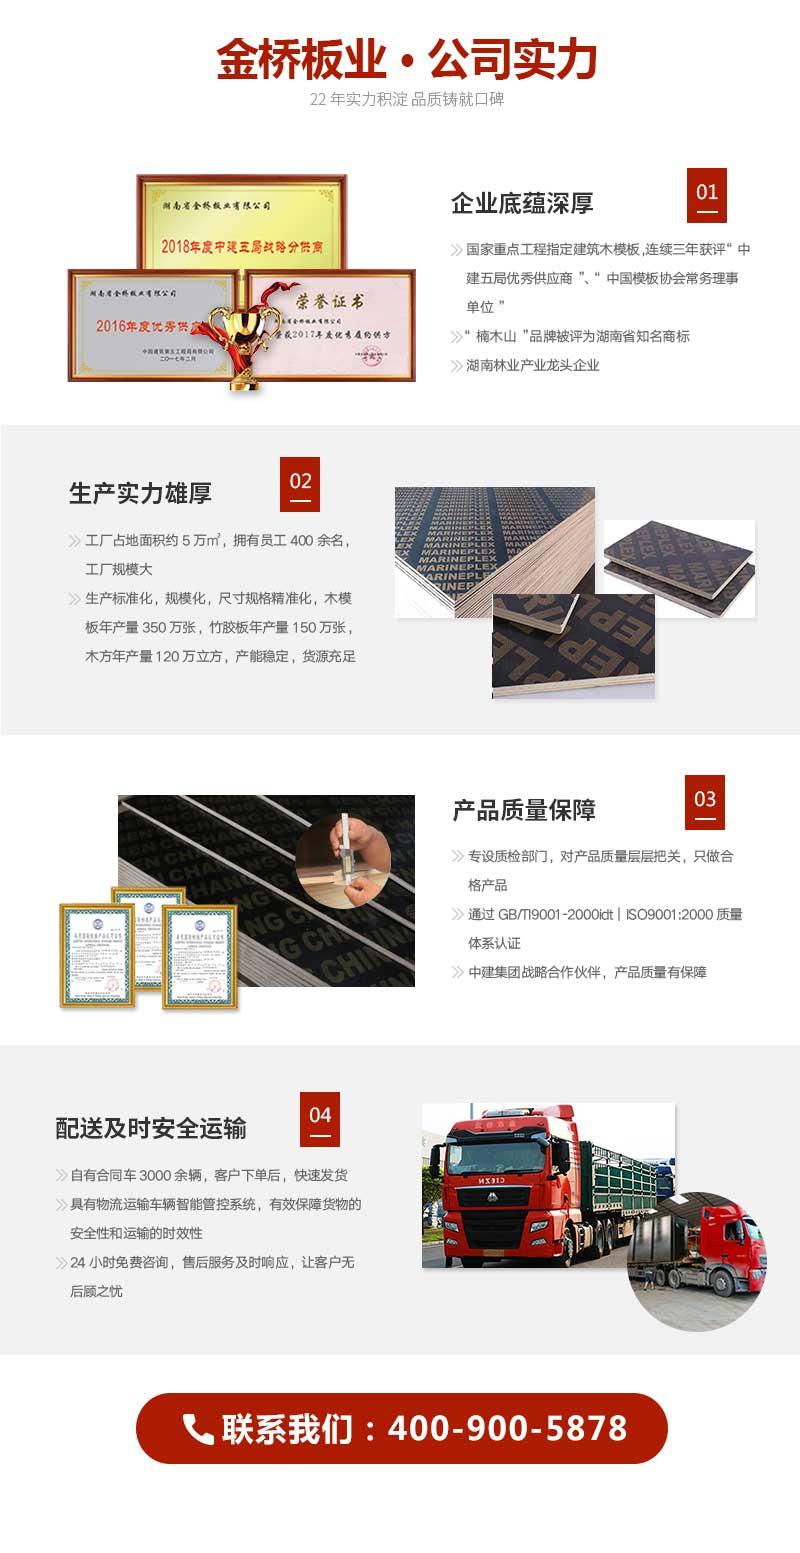 覆膜模板1.83*0.915*1.5金桥板业公司实力